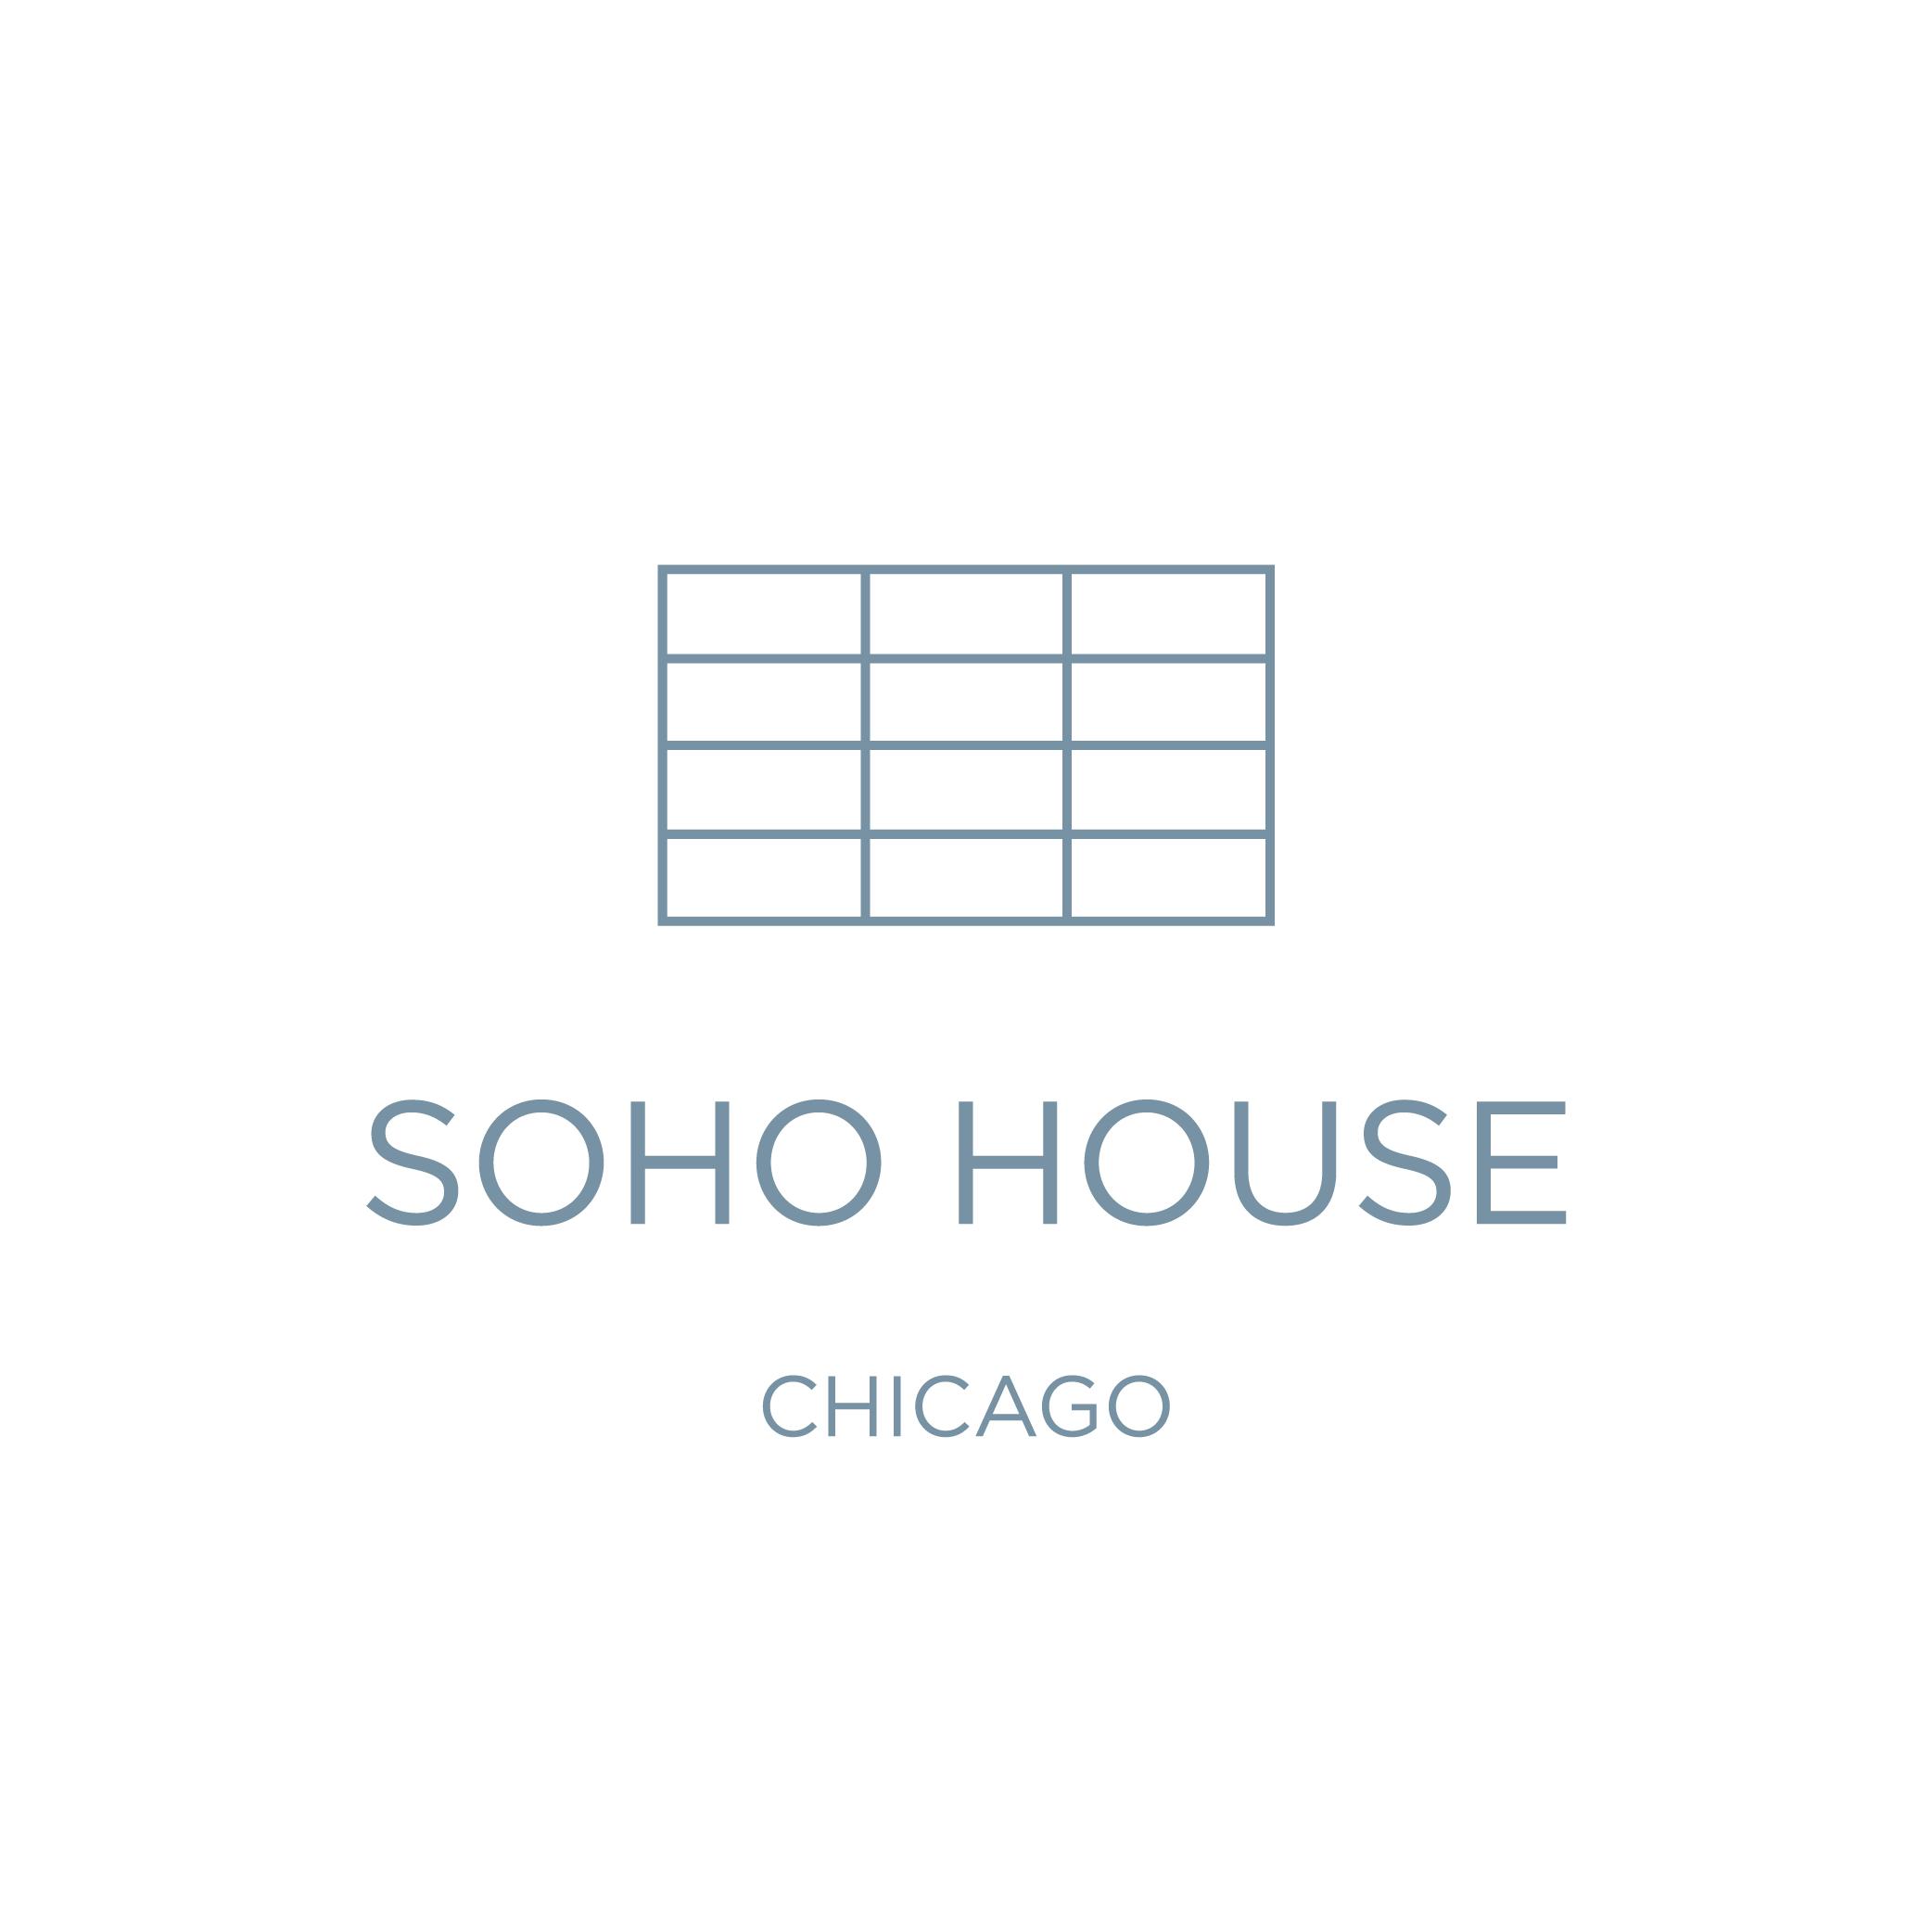 Soho House Chicago - Chicago, IL 60607 - (312)521-8000 | ShowMeLocal.com